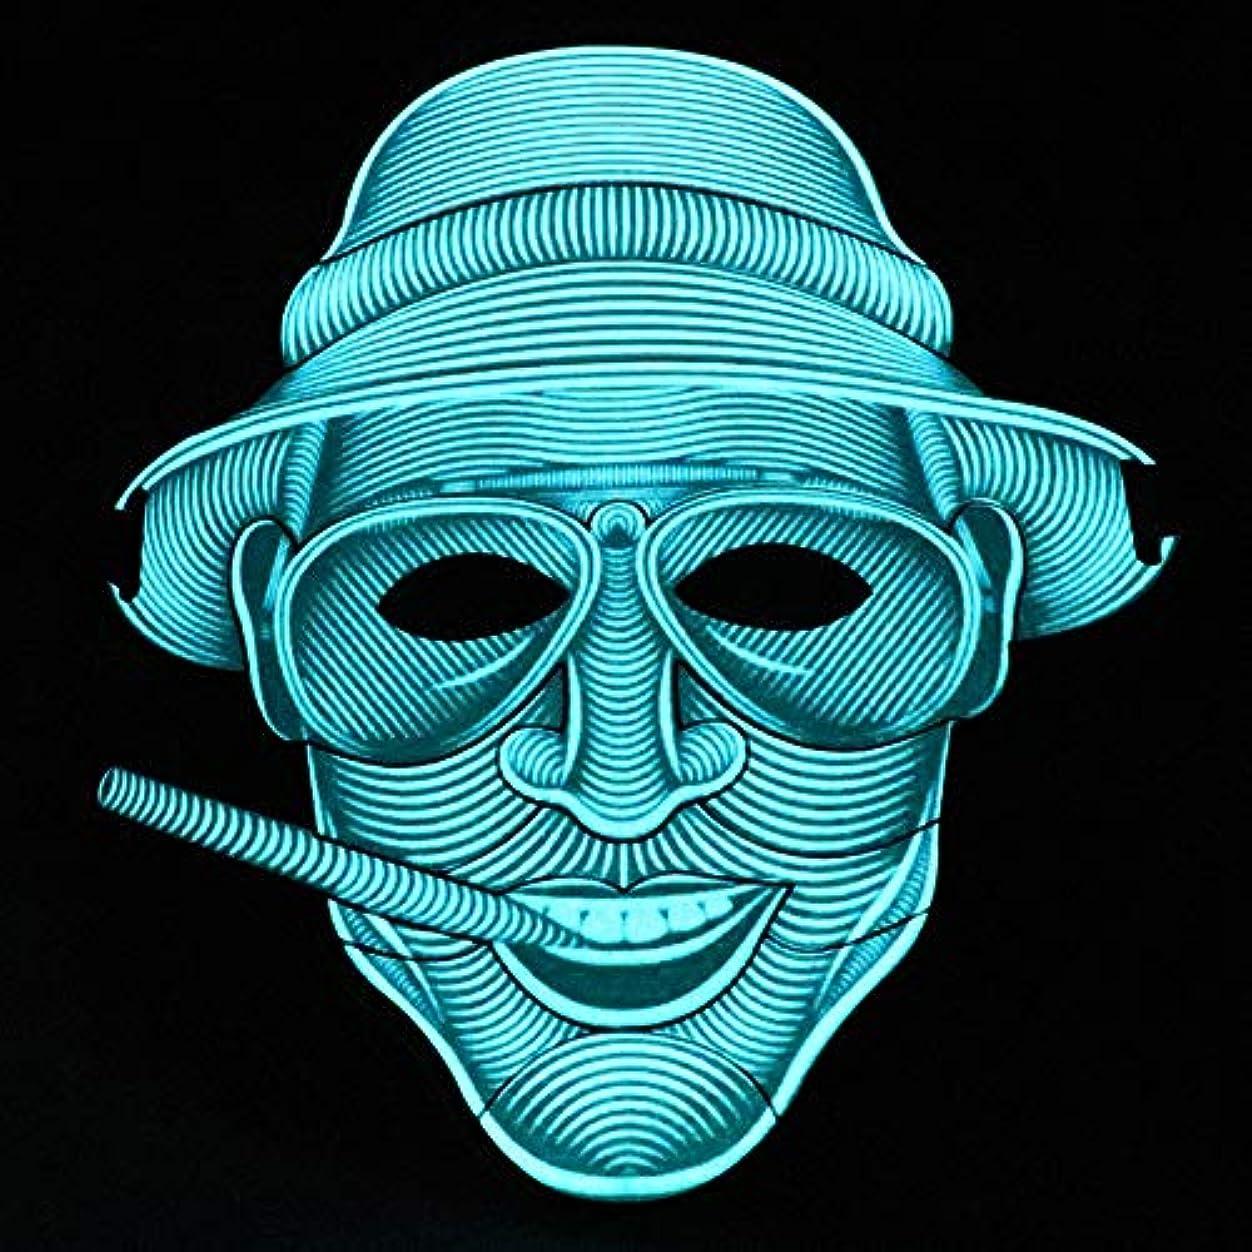 円形誇張する健康的照らされたマスクLED創造的な冷光音響制御マスクハロウィンバーフェスティバルダンスマスク (Color : #3)